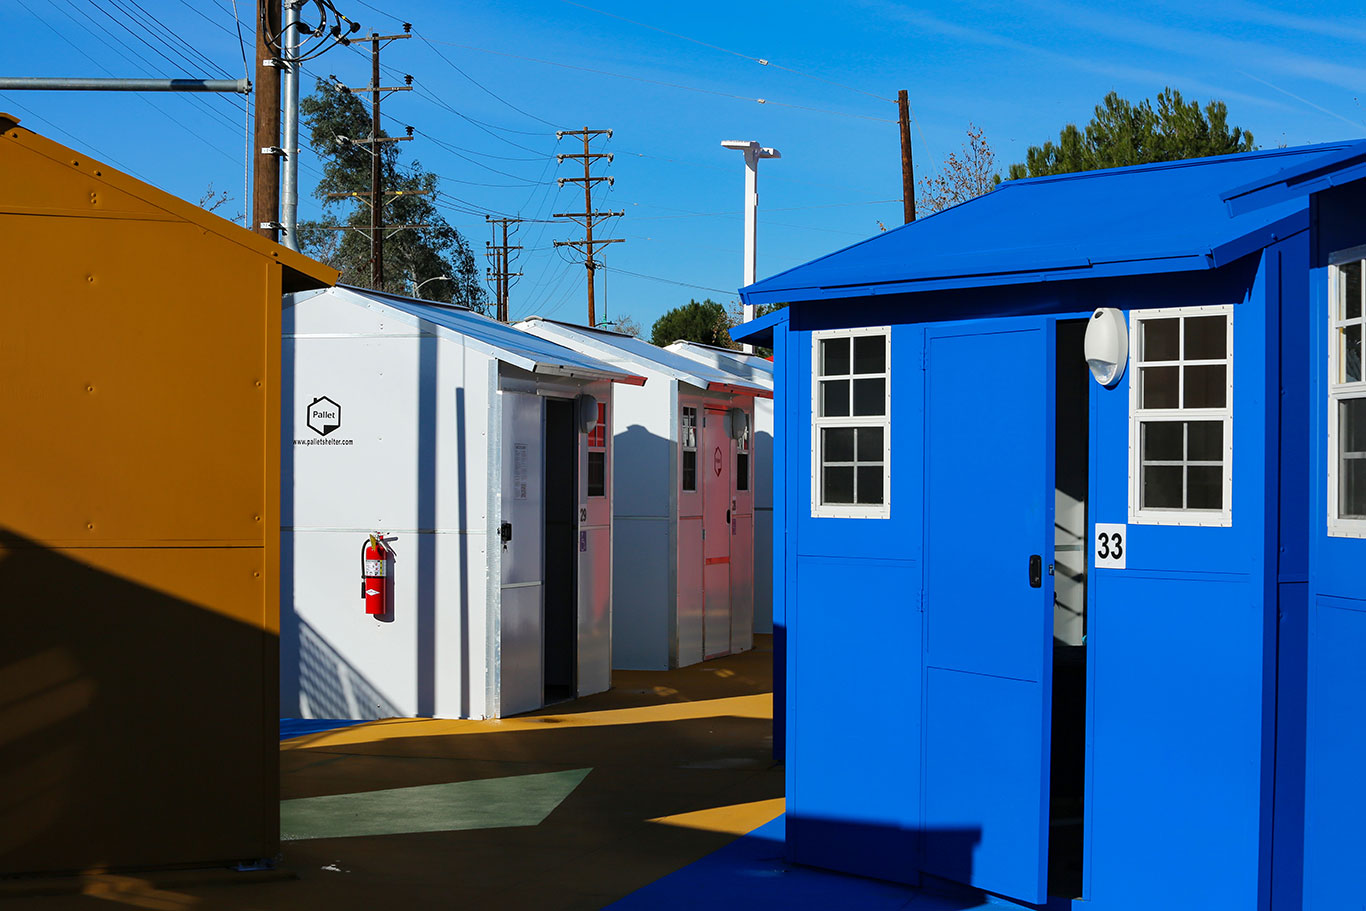 Minicasas do governo para abrigar moradores de rua (Foto: Mayor Eric Garcetti/Flickr)